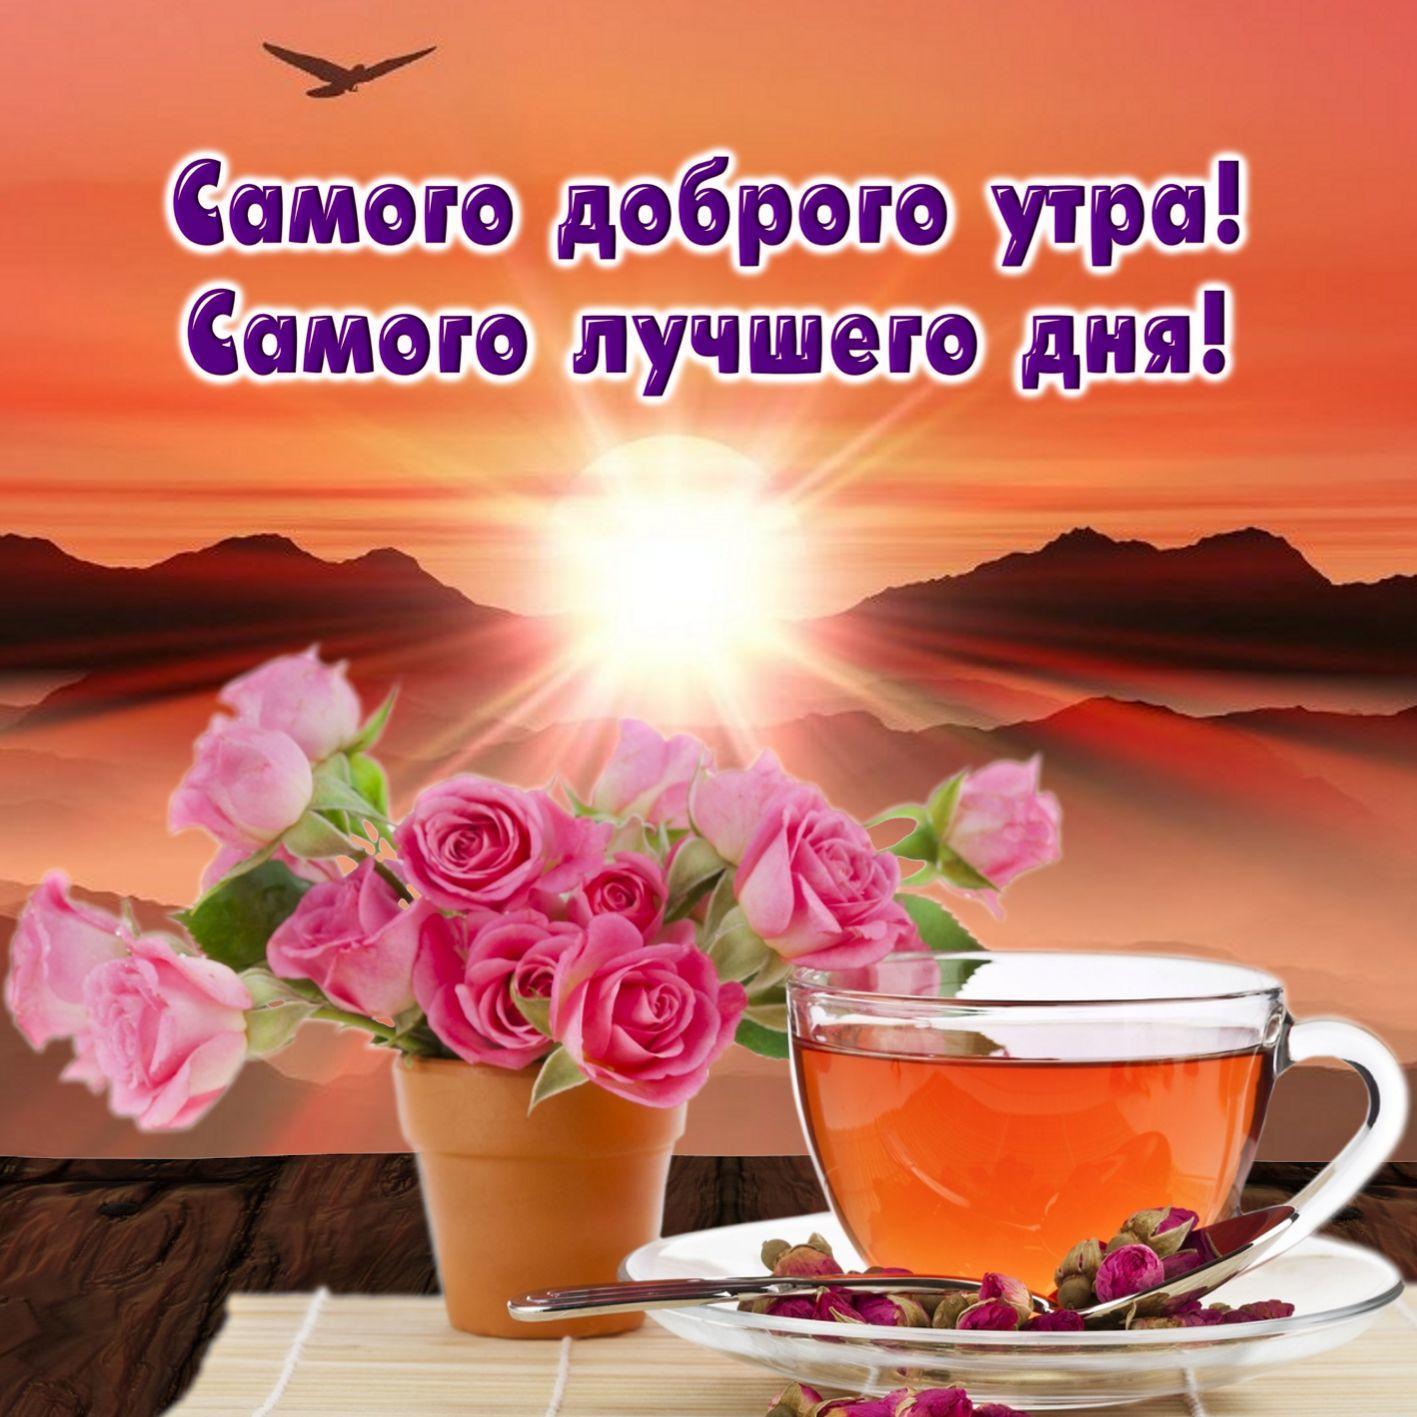 Картинка доброго утра удачного дня, открытка цветами